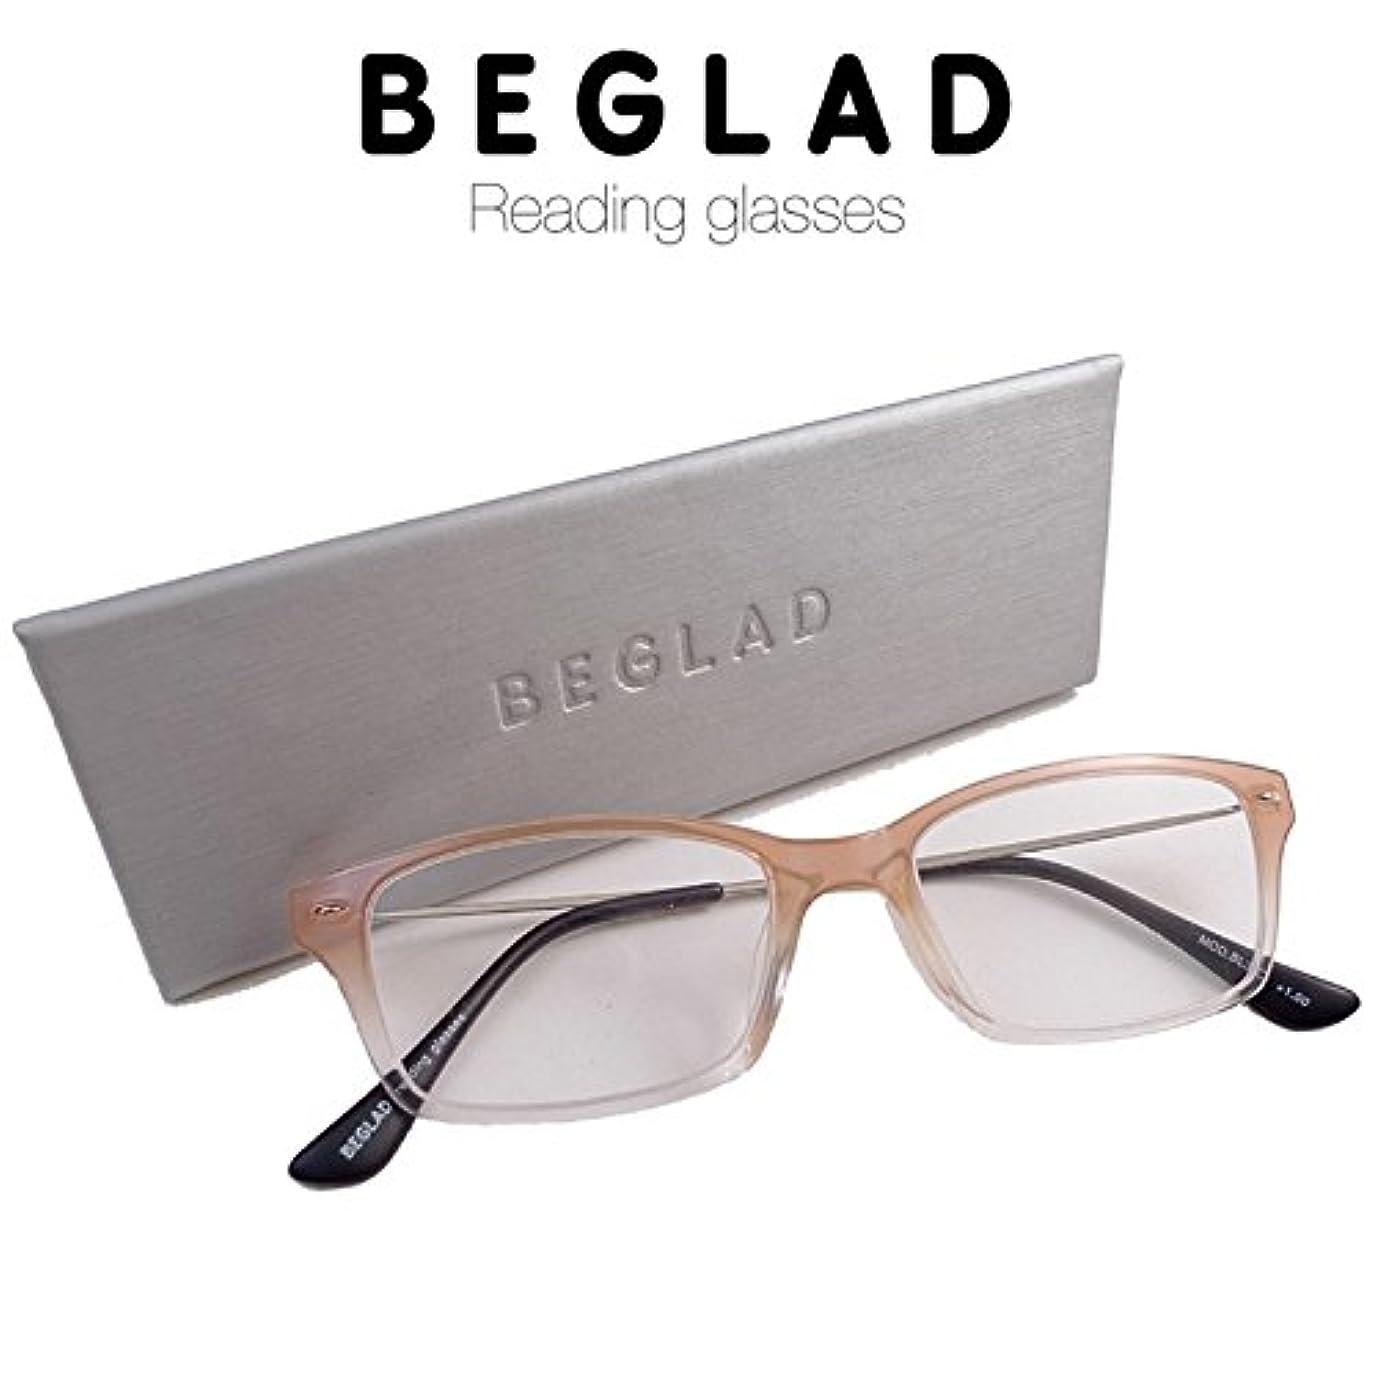 ビグラッド(BEGLAD) 老眼鏡 ベージュ 度数:+2.50 【グラデーションカラーがオシャレ!ケース付で便利】 BL3004BG